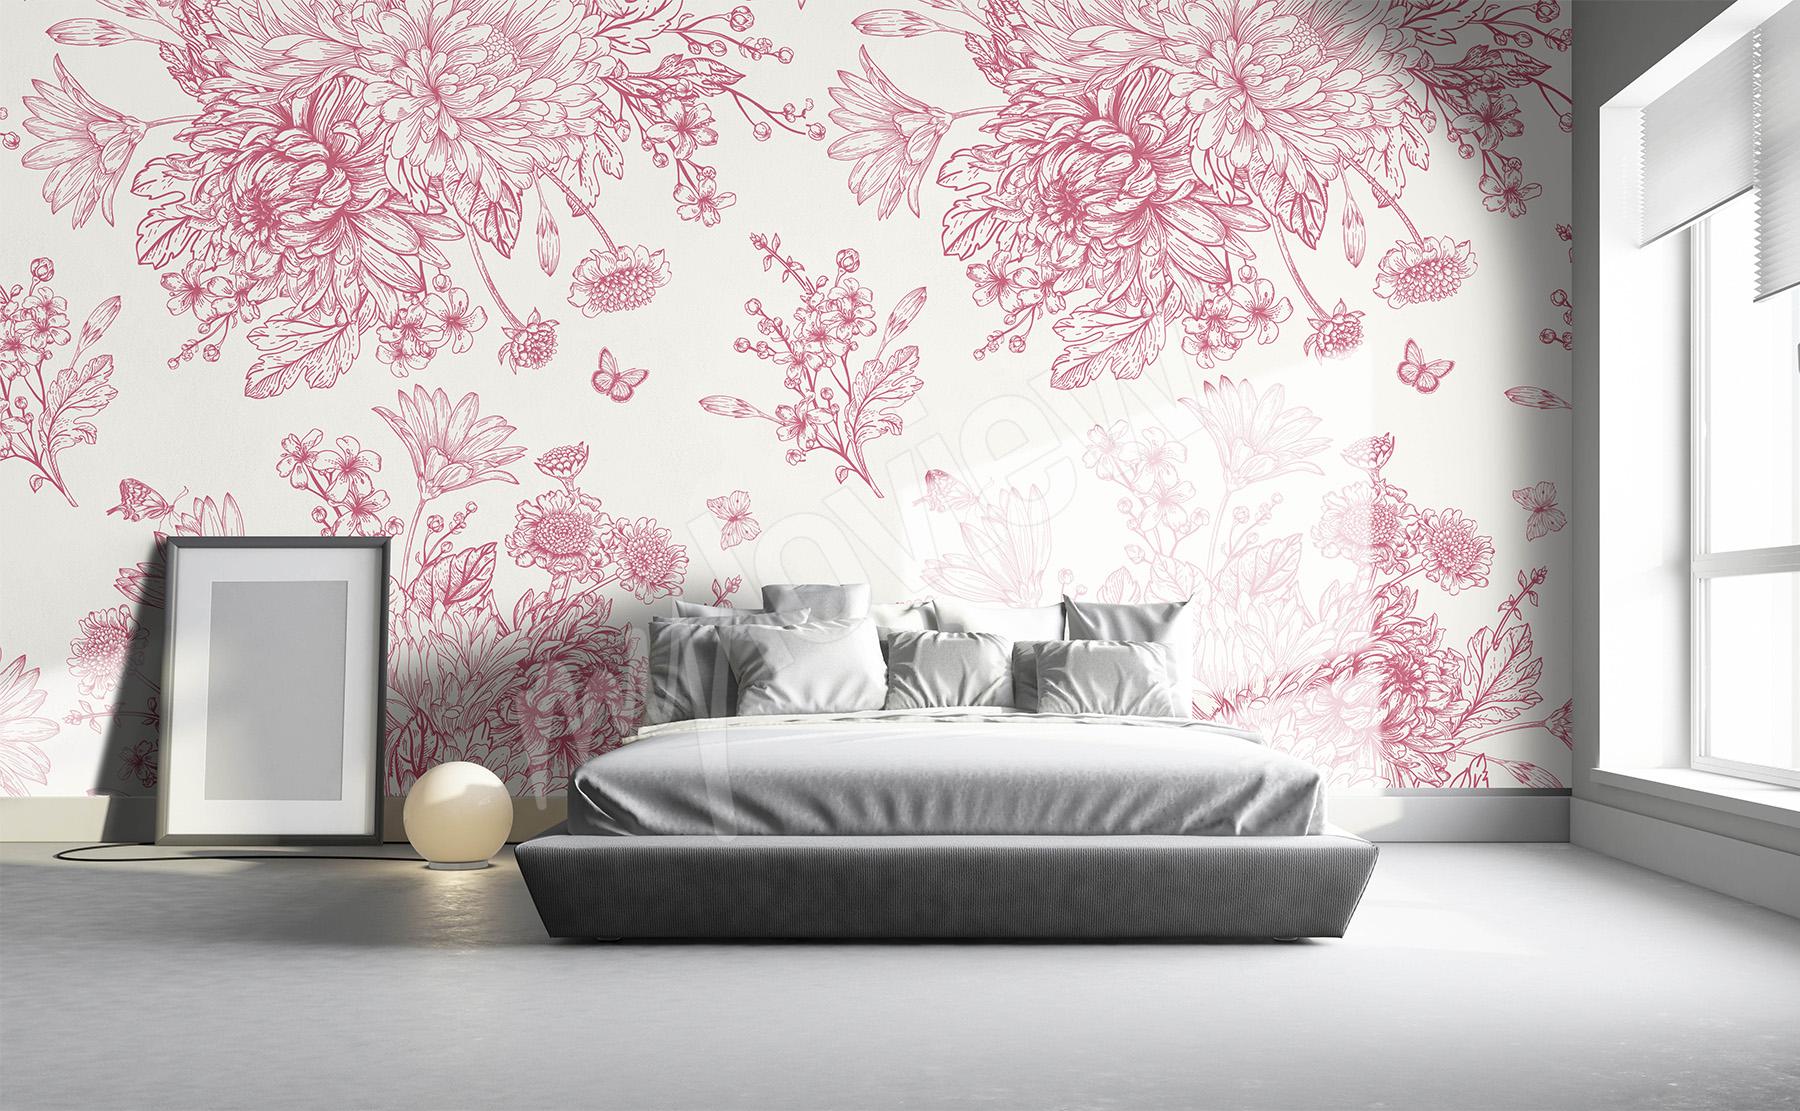 adac79be80c4c4 Fototapeta kwiaty • motywy kwiatowe | sklep myloview.pl